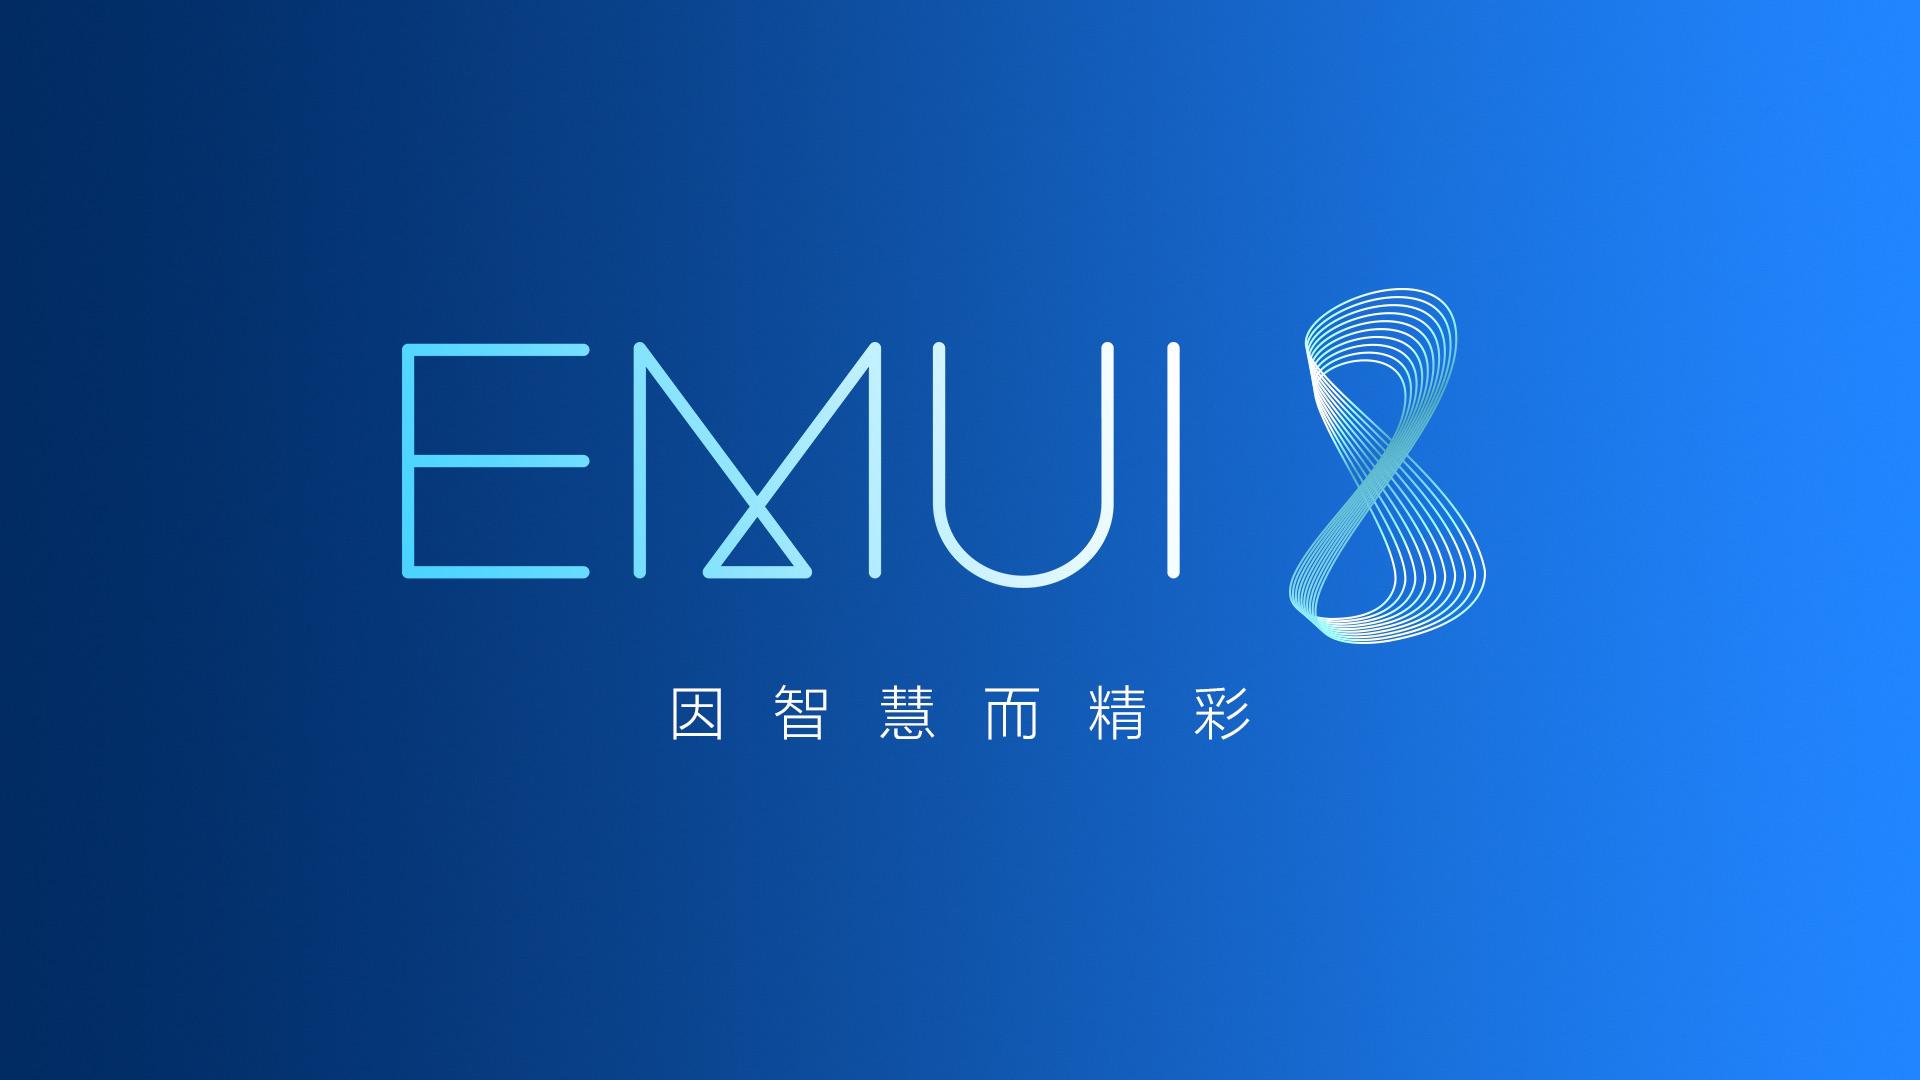 EMUI8.0意味着华为从四大国产手机系统中跑赢一个身位